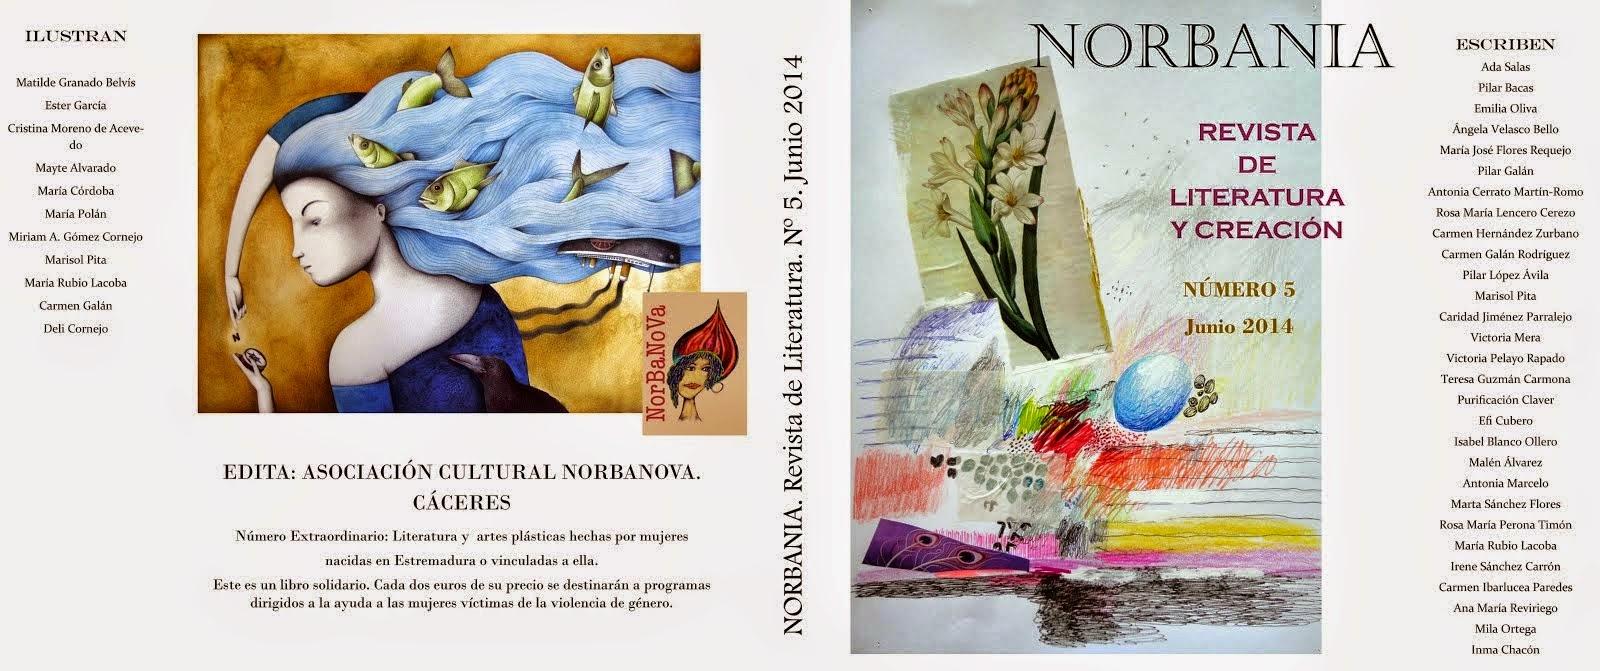 Accede al blog de Estampas de Norbania